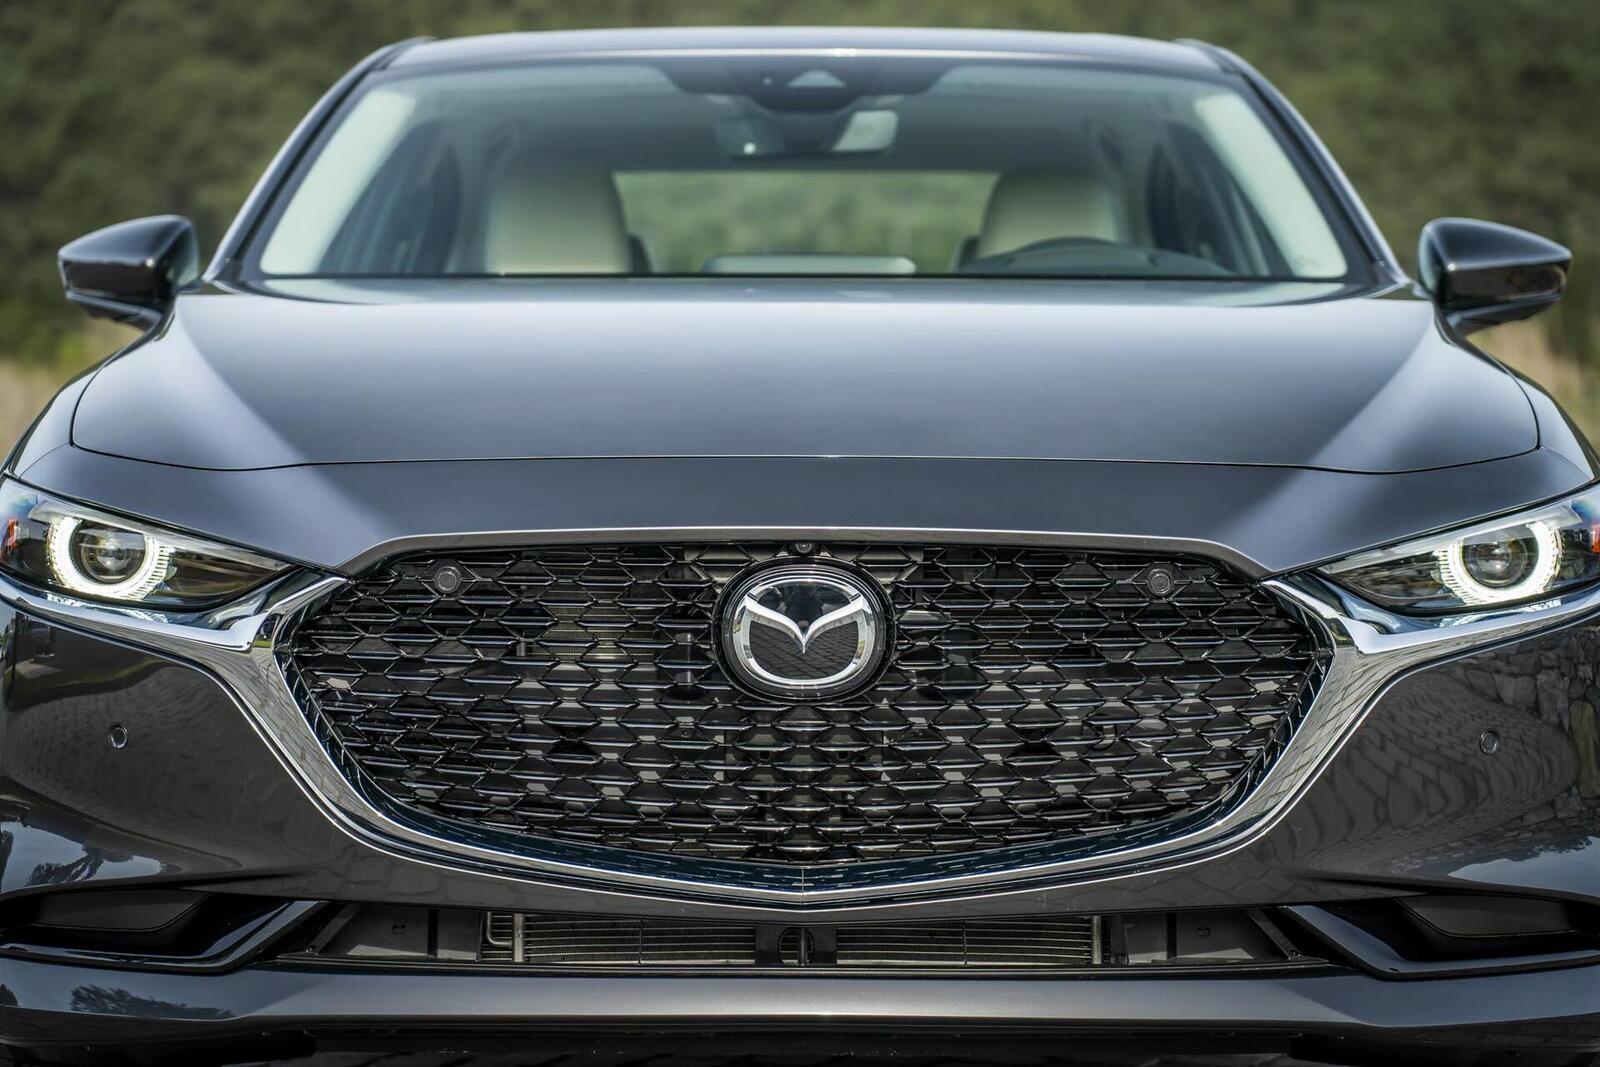 Mazda3 thế hệ mới chốt lịch ra mắt tại Malaysia vào tháng sau; giá dự kiến từ 764 triệu đồng - Hình 17